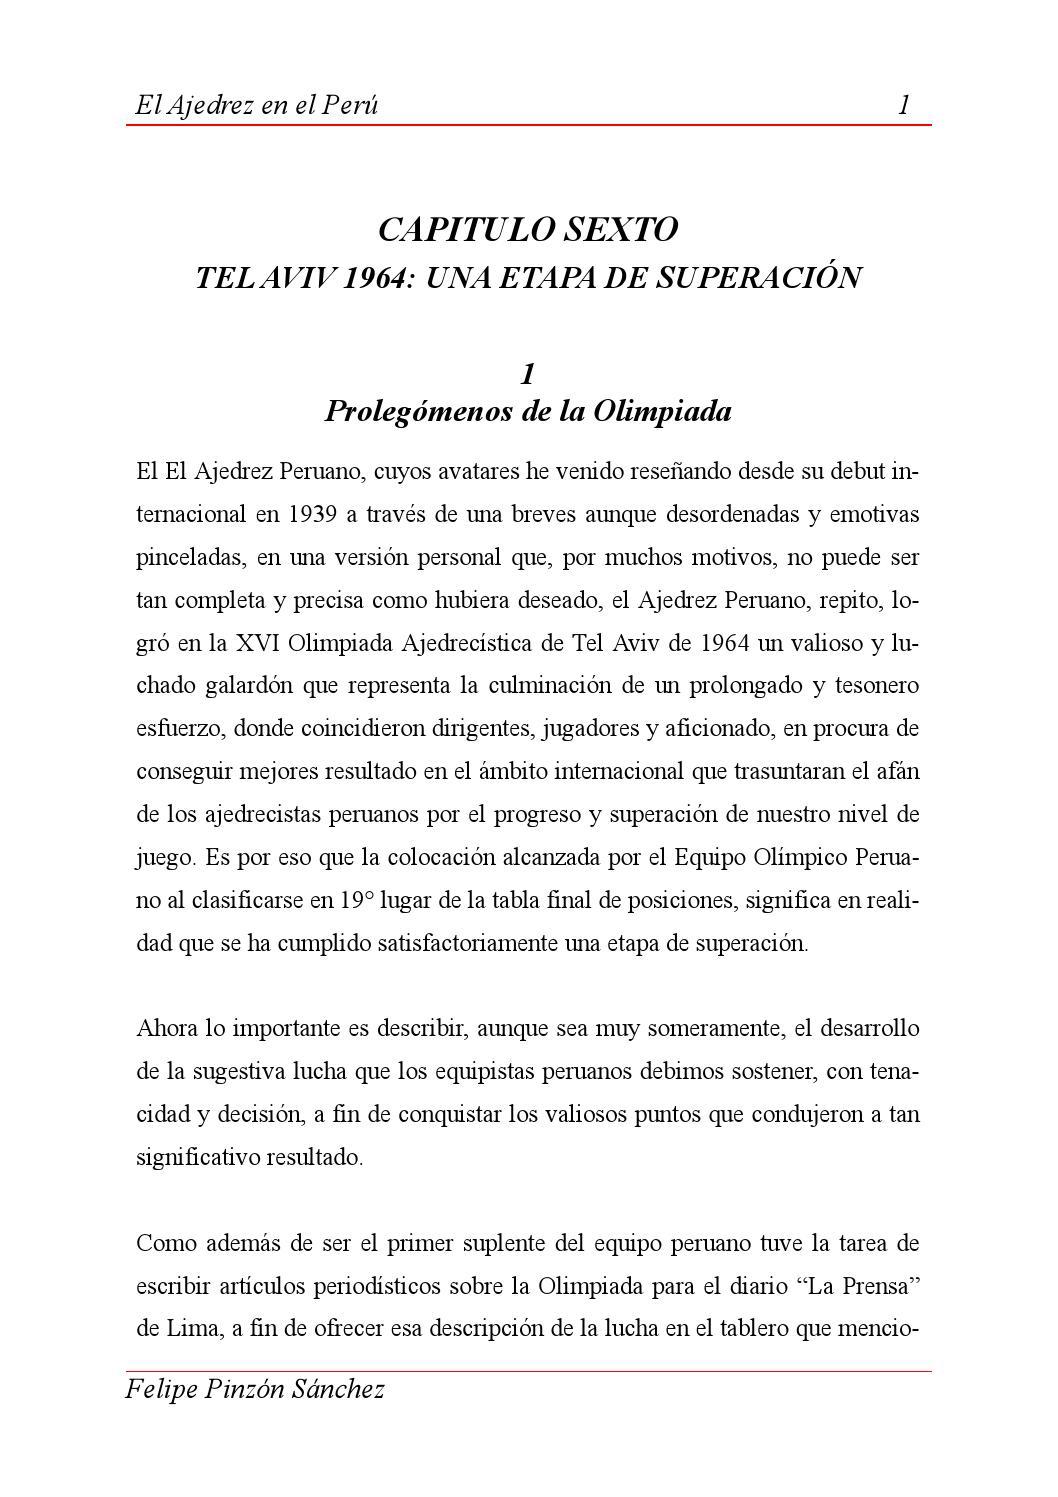 EL AJEDREZ EN EL PERÚ by Felipe Pinzón Sánchez by Pablo Parco ...